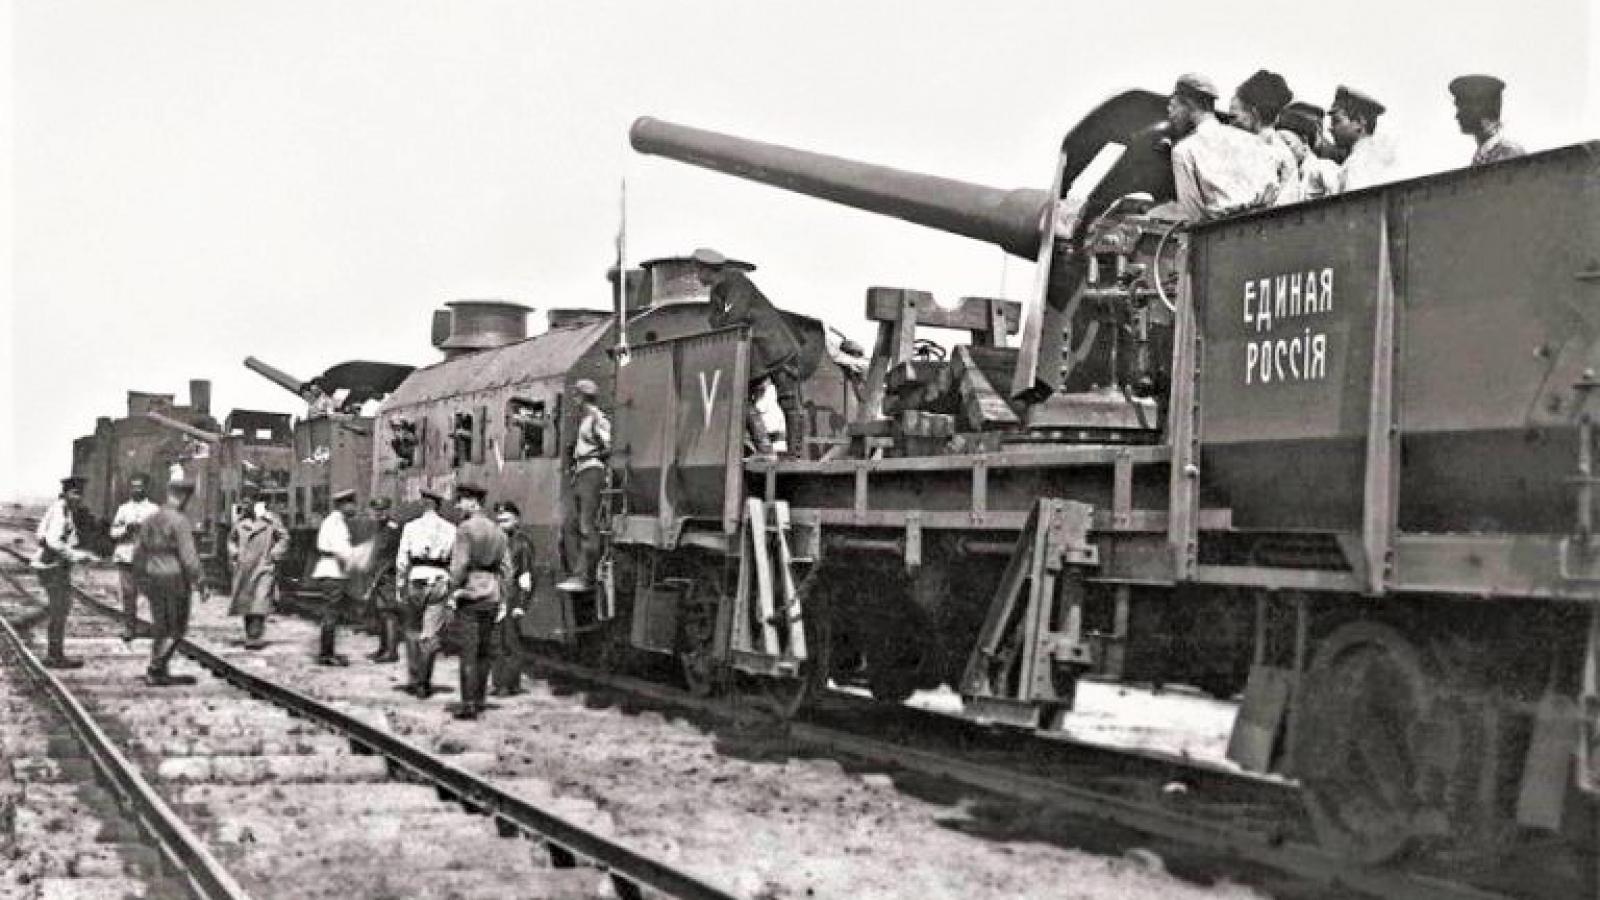 """Tàu hỏa bọc thép chưa hẳn là """"đồ bỏ"""", dù không có chỗ trong chiến tranh toàn diện hiện đại"""